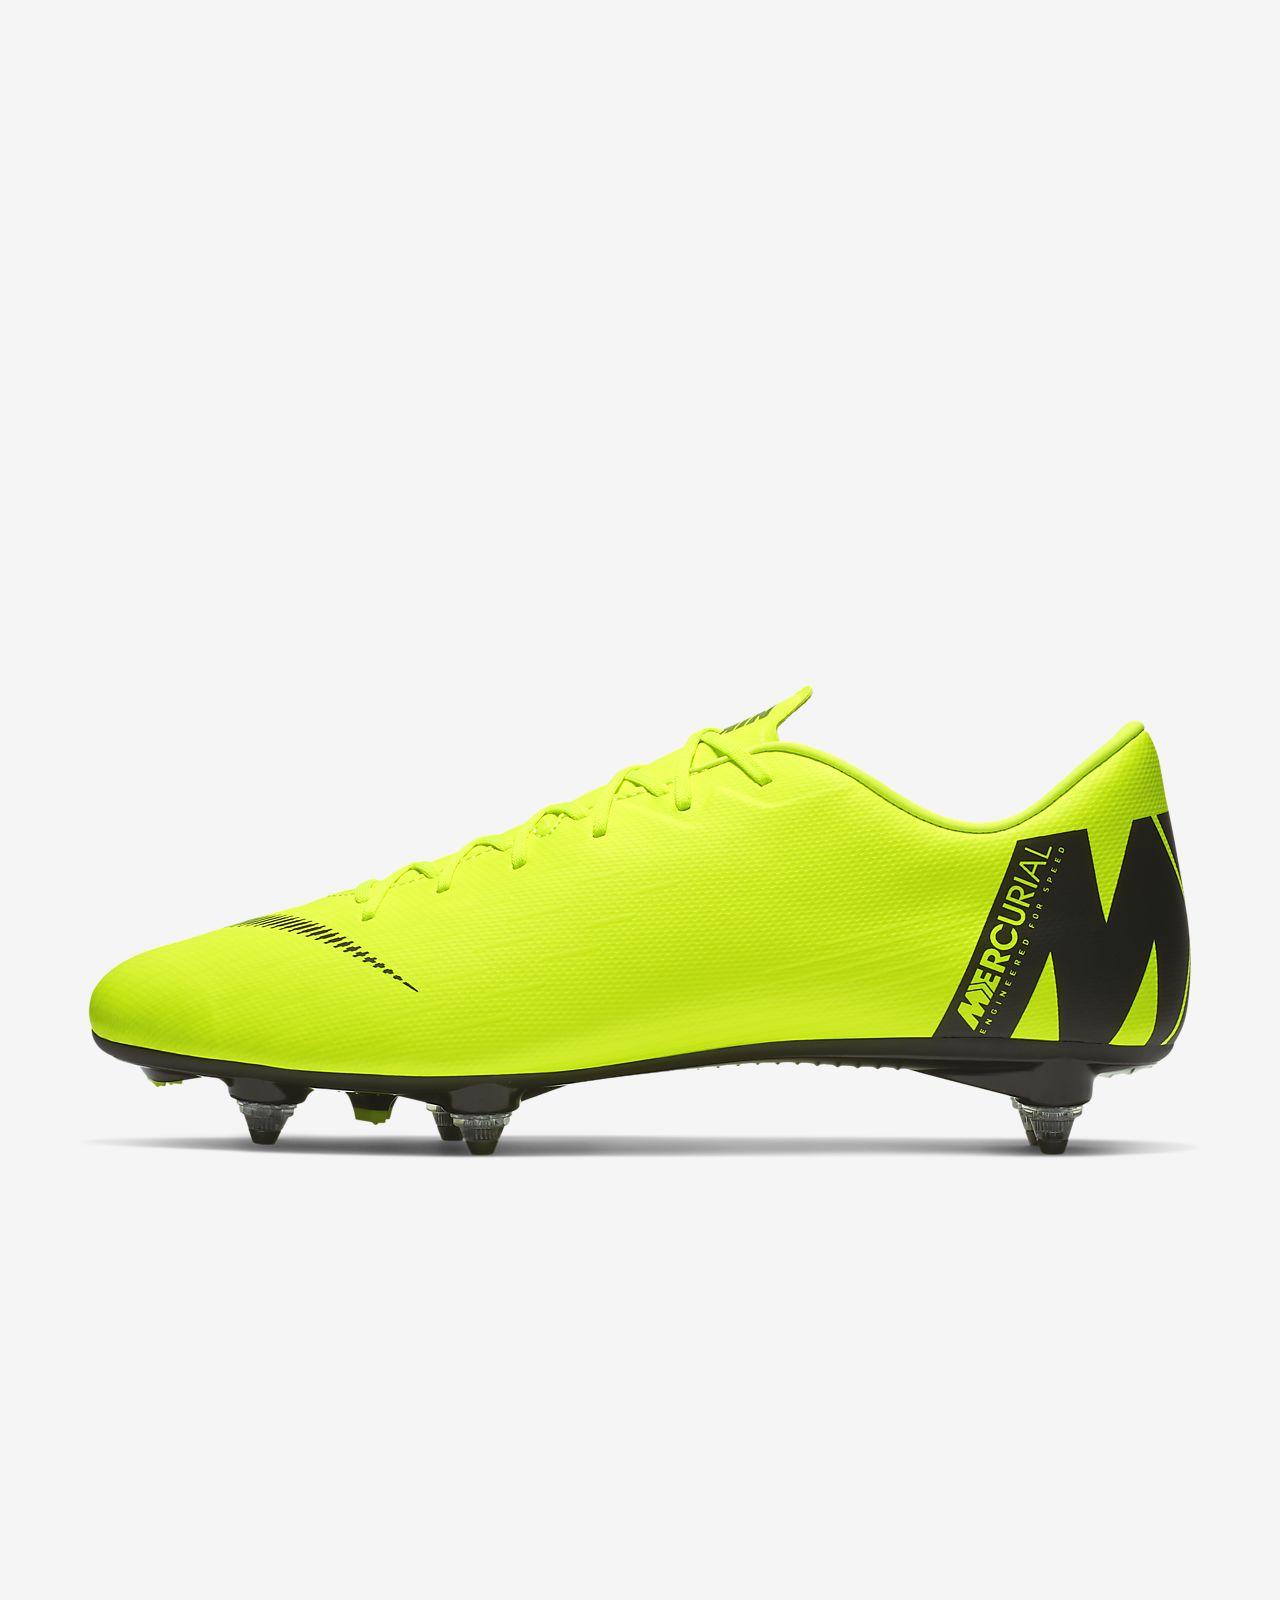 e94fd8e46c37e Nike Mercurial Vapor XII Academy SG-PRO Botes de futbol per a terreny tou